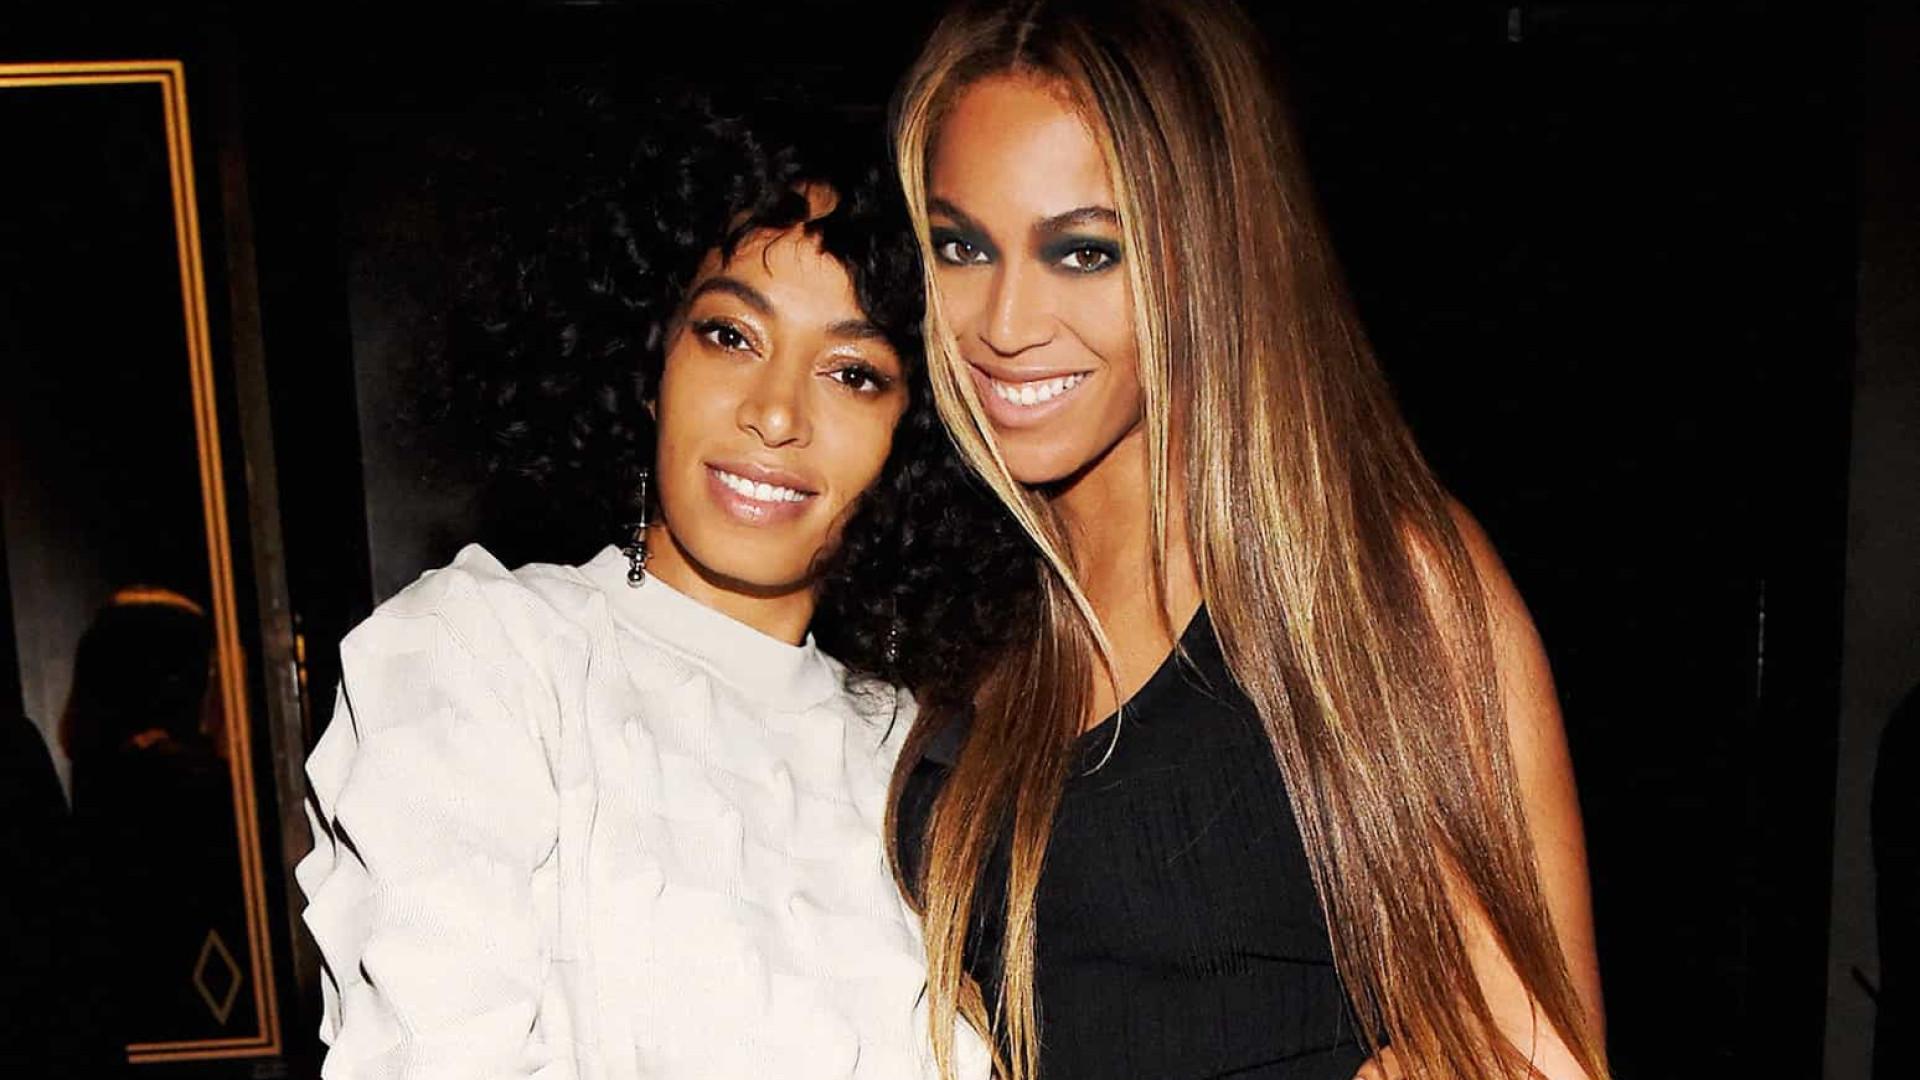 Após câncer de mama do pai, Beyoncé e Solange fazem exame